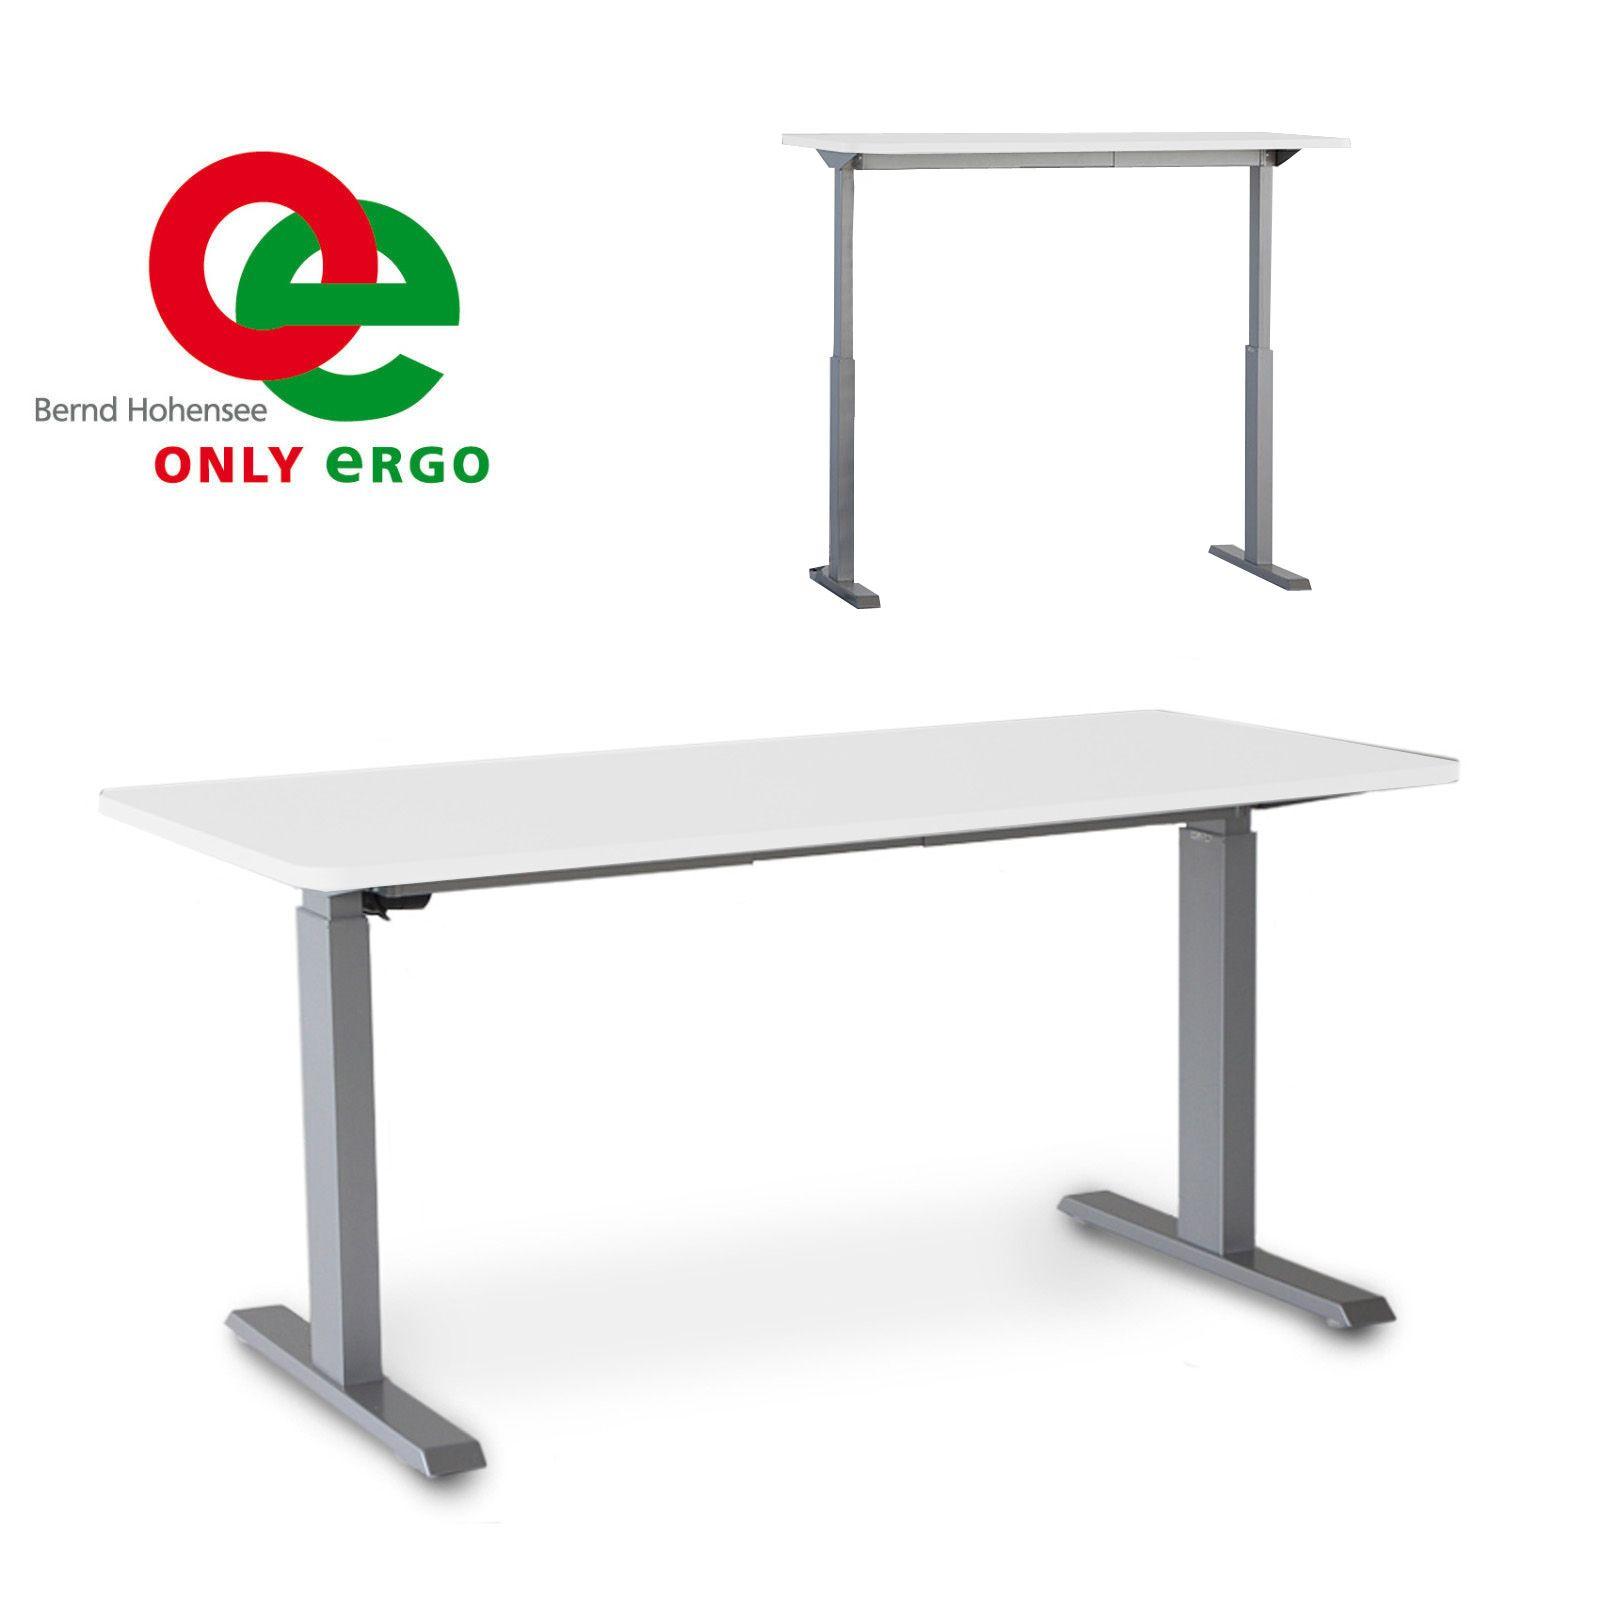 hochwertiges steh sitz gestell einstufiger h henverstellbarer schreibtisch mit soft start and. Black Bedroom Furniture Sets. Home Design Ideas